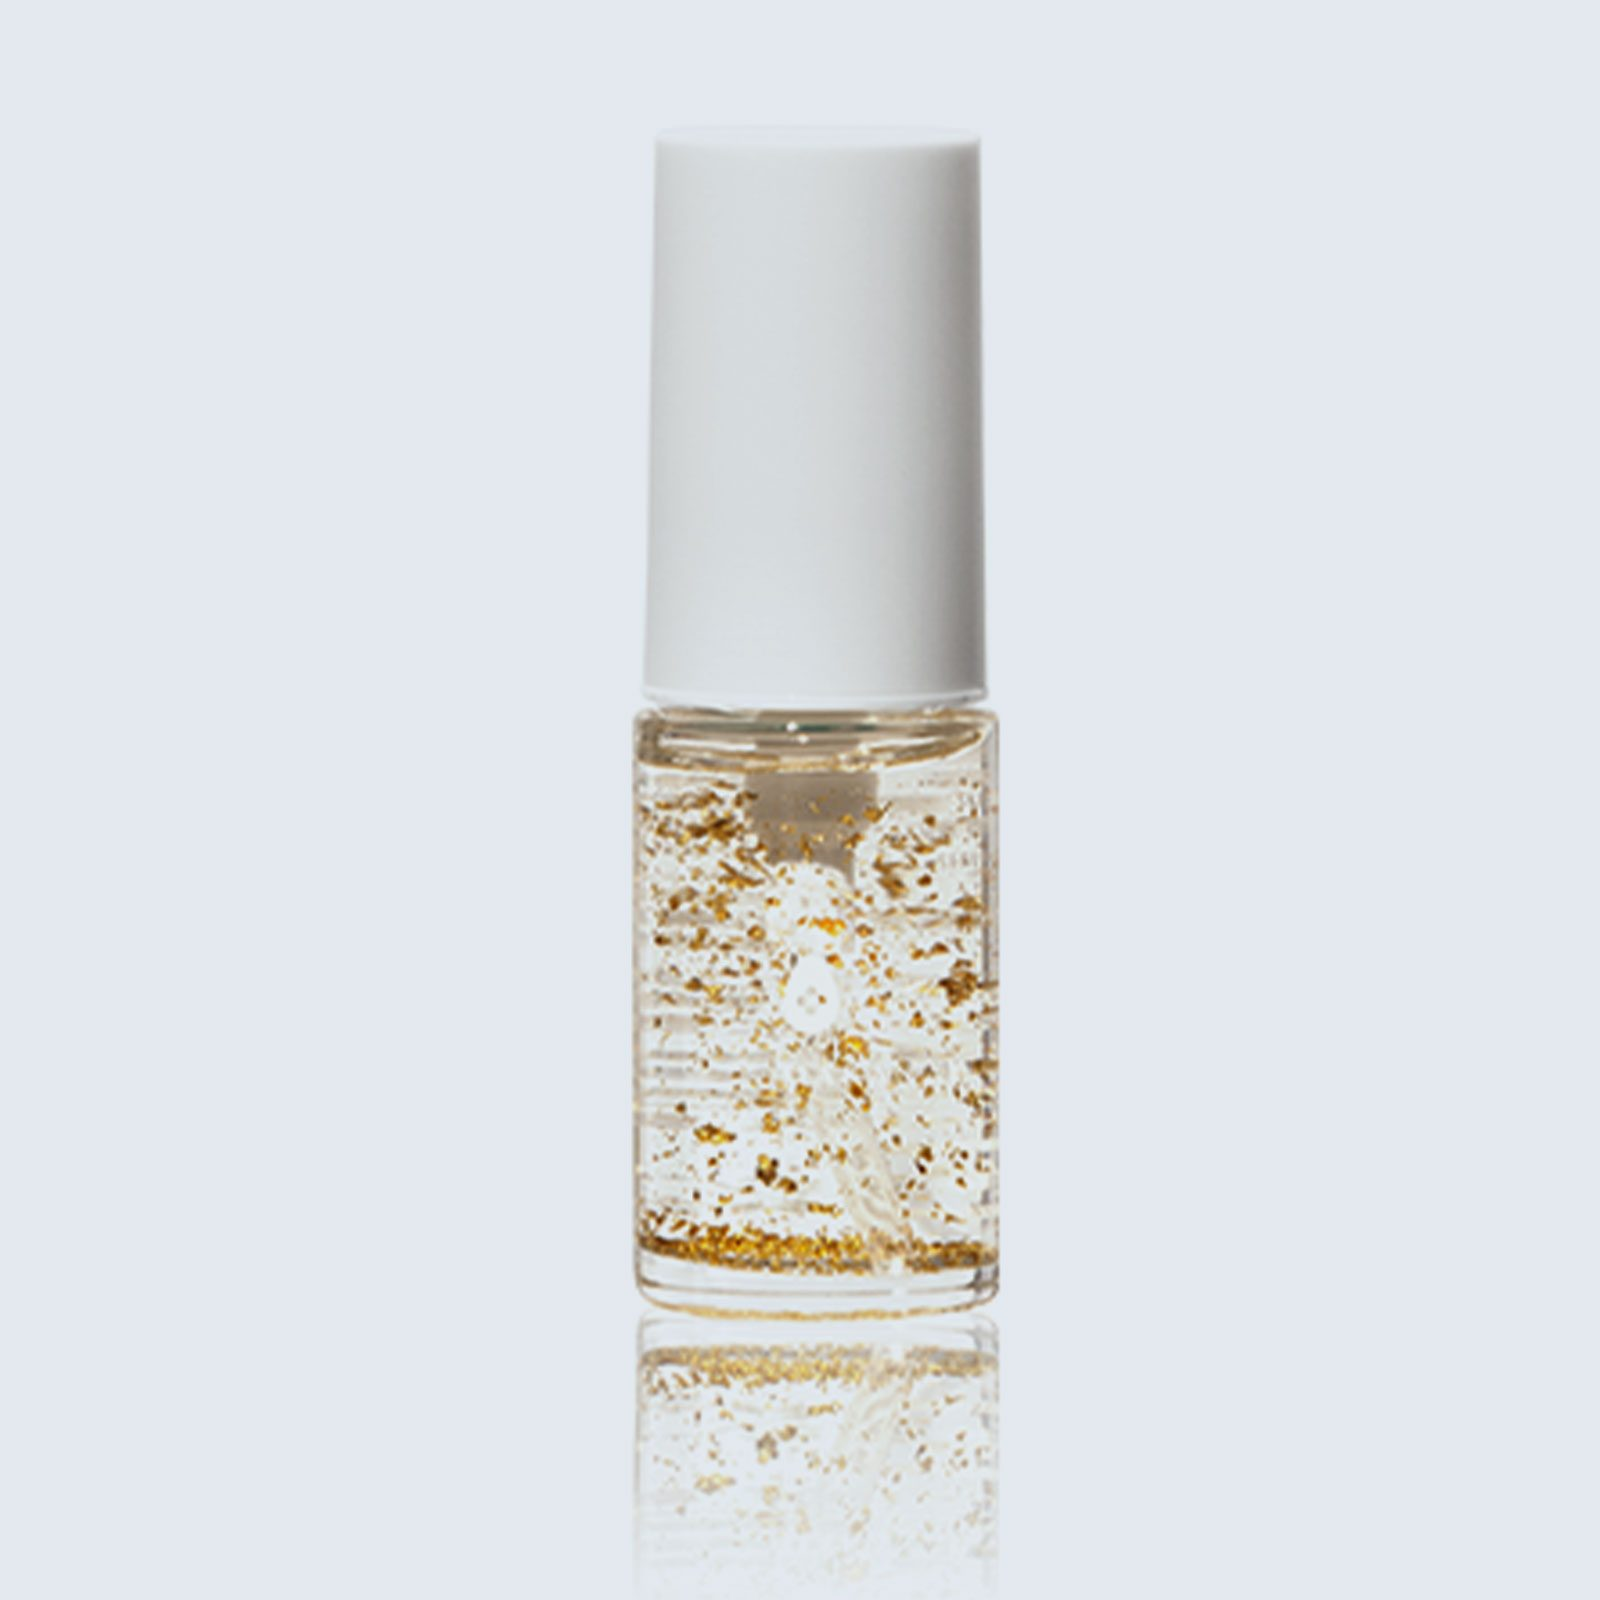 Makanai Skin Jewel Oil Serum Enlightening Rainbow